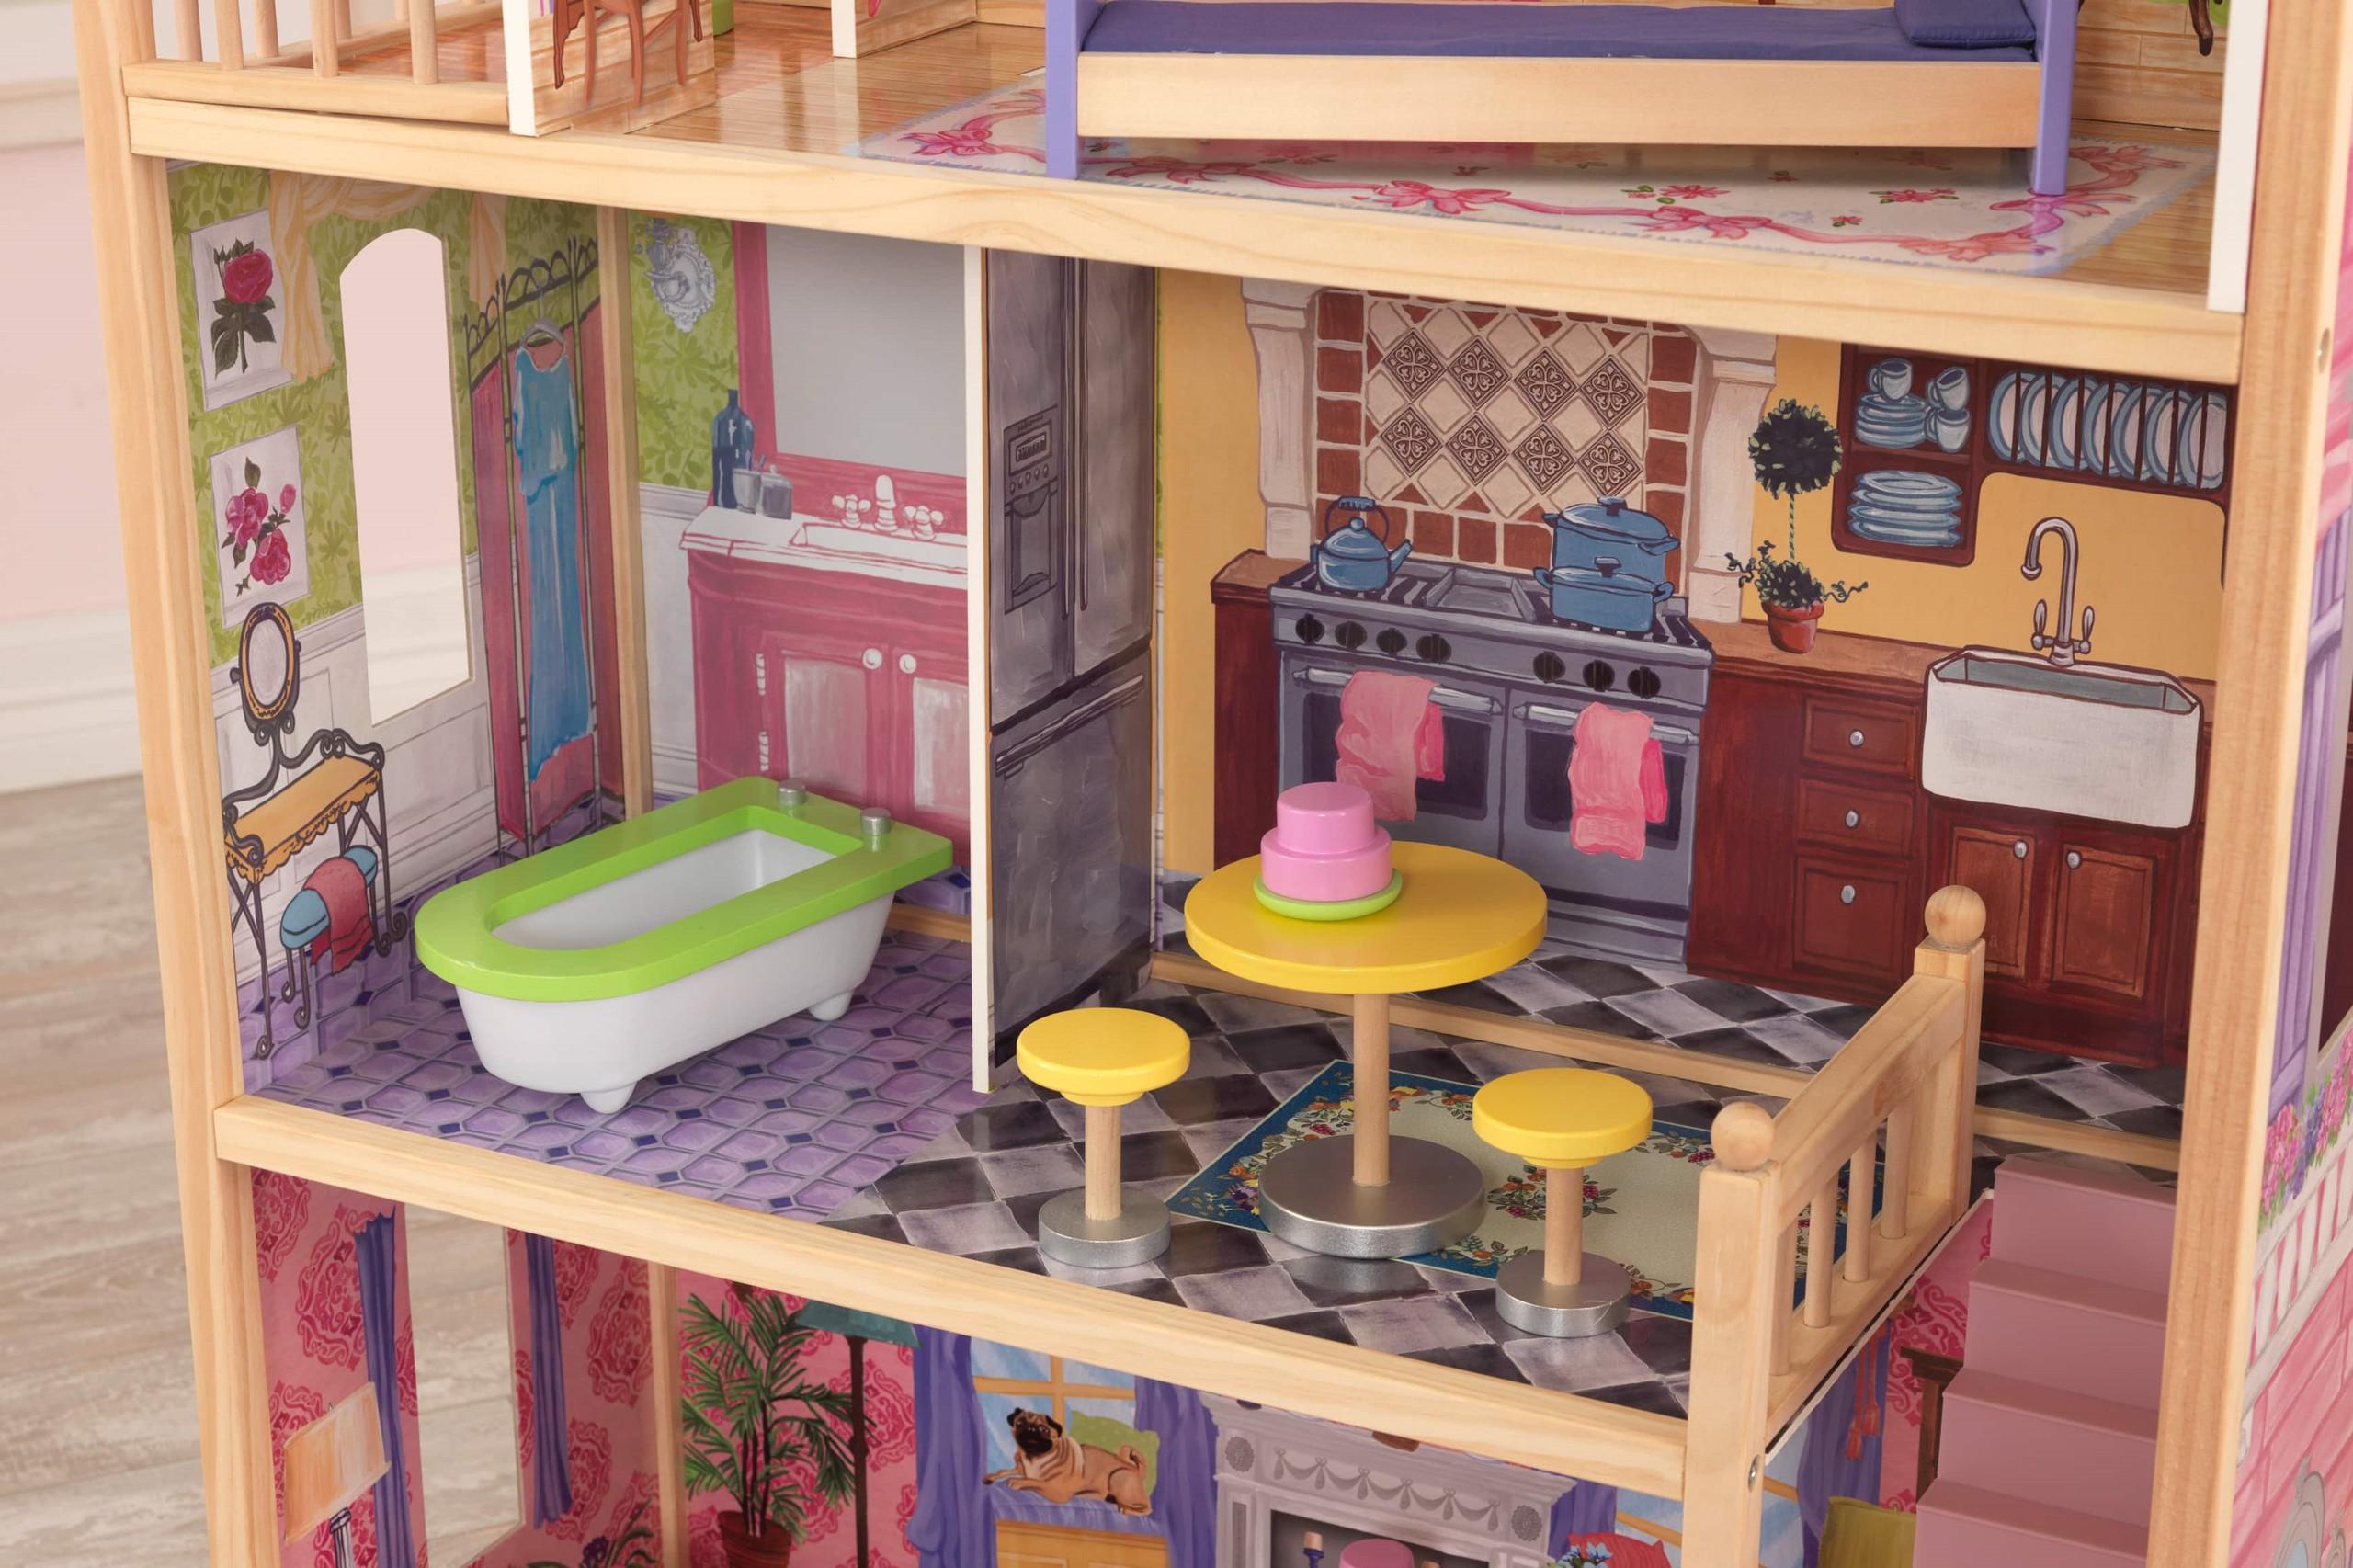 Къща за кукли от дърво – Кайла - Kidkraft дървени къщи за кукли(5)-bellamiestore